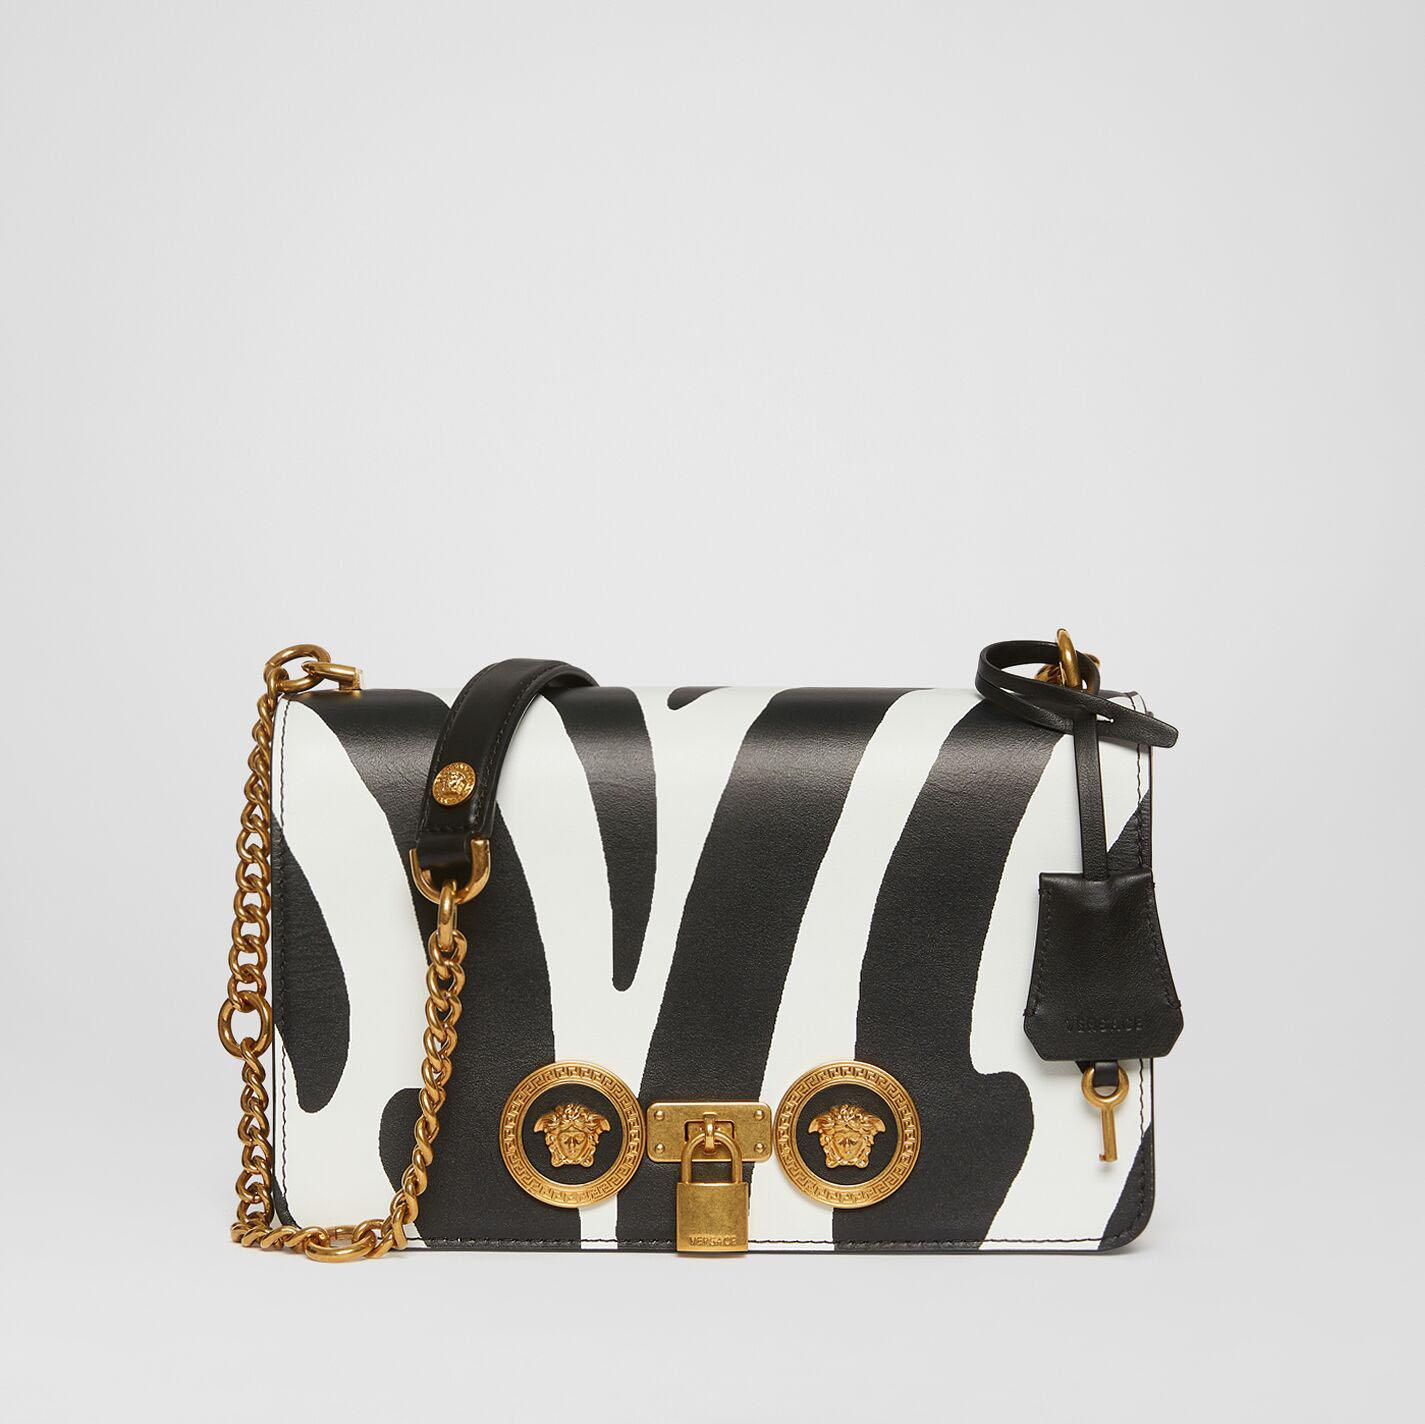 范思哲/Versace ZEBRA印花ICON单肩包